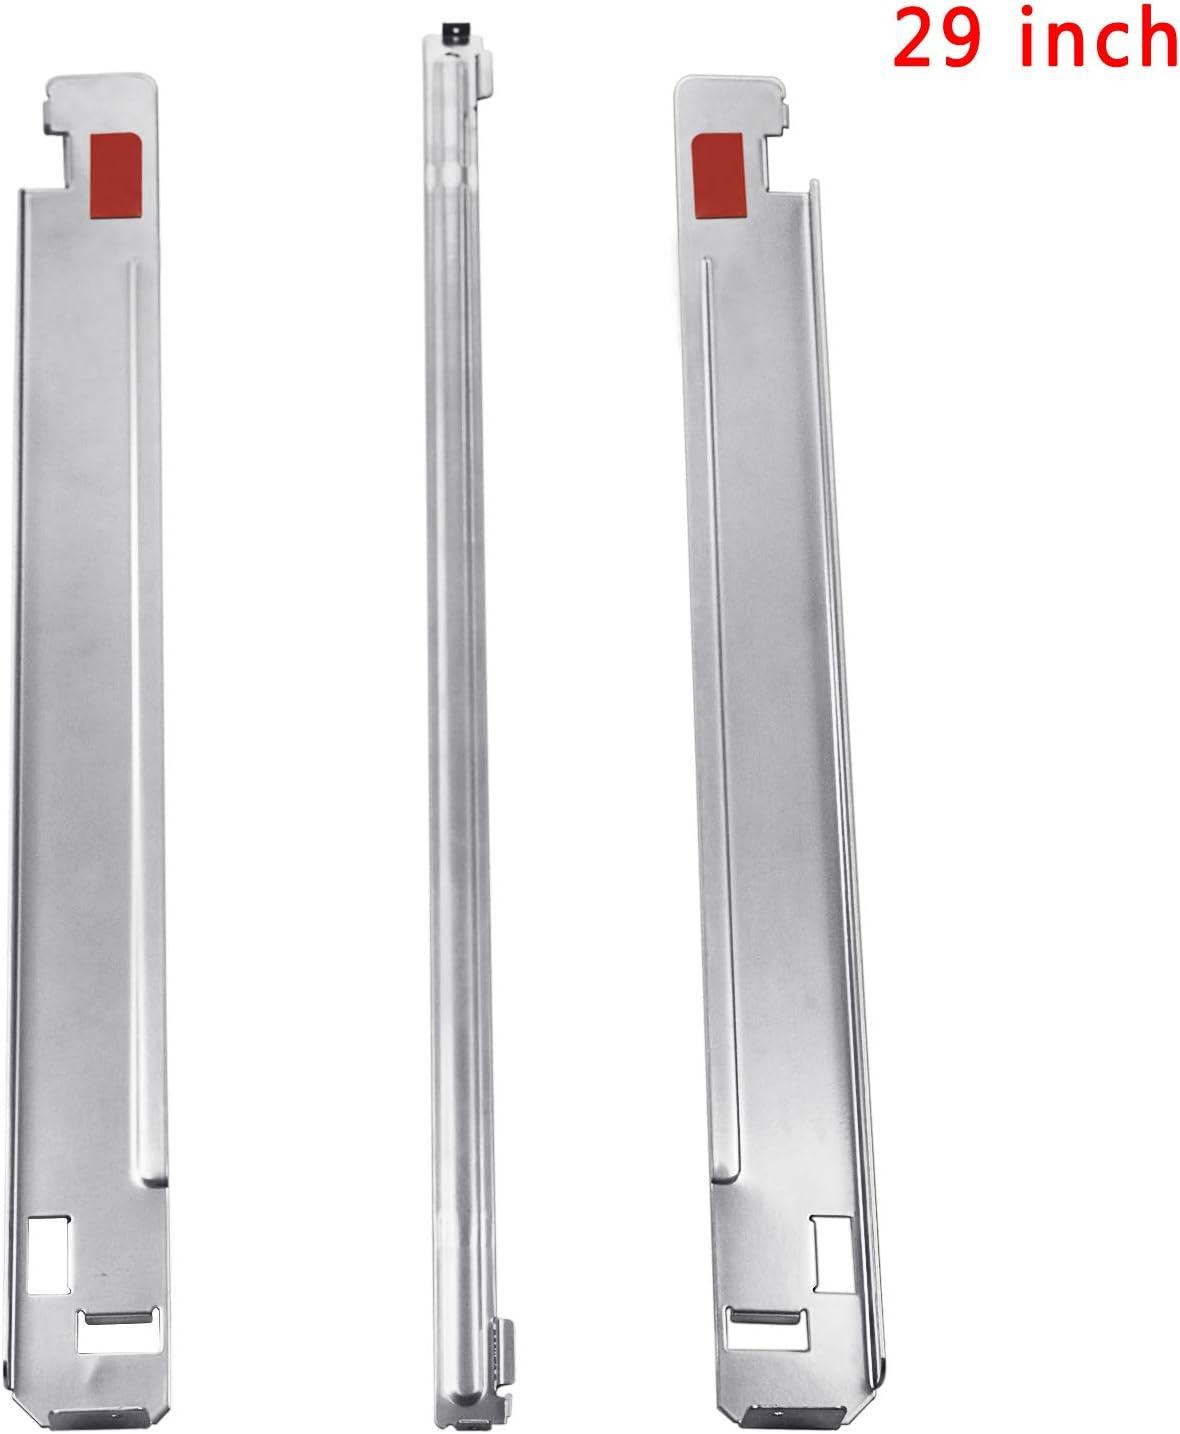 Bentolin Kit de apilamiento de lavandería LG KSTK2 de 29 pulgadas ...